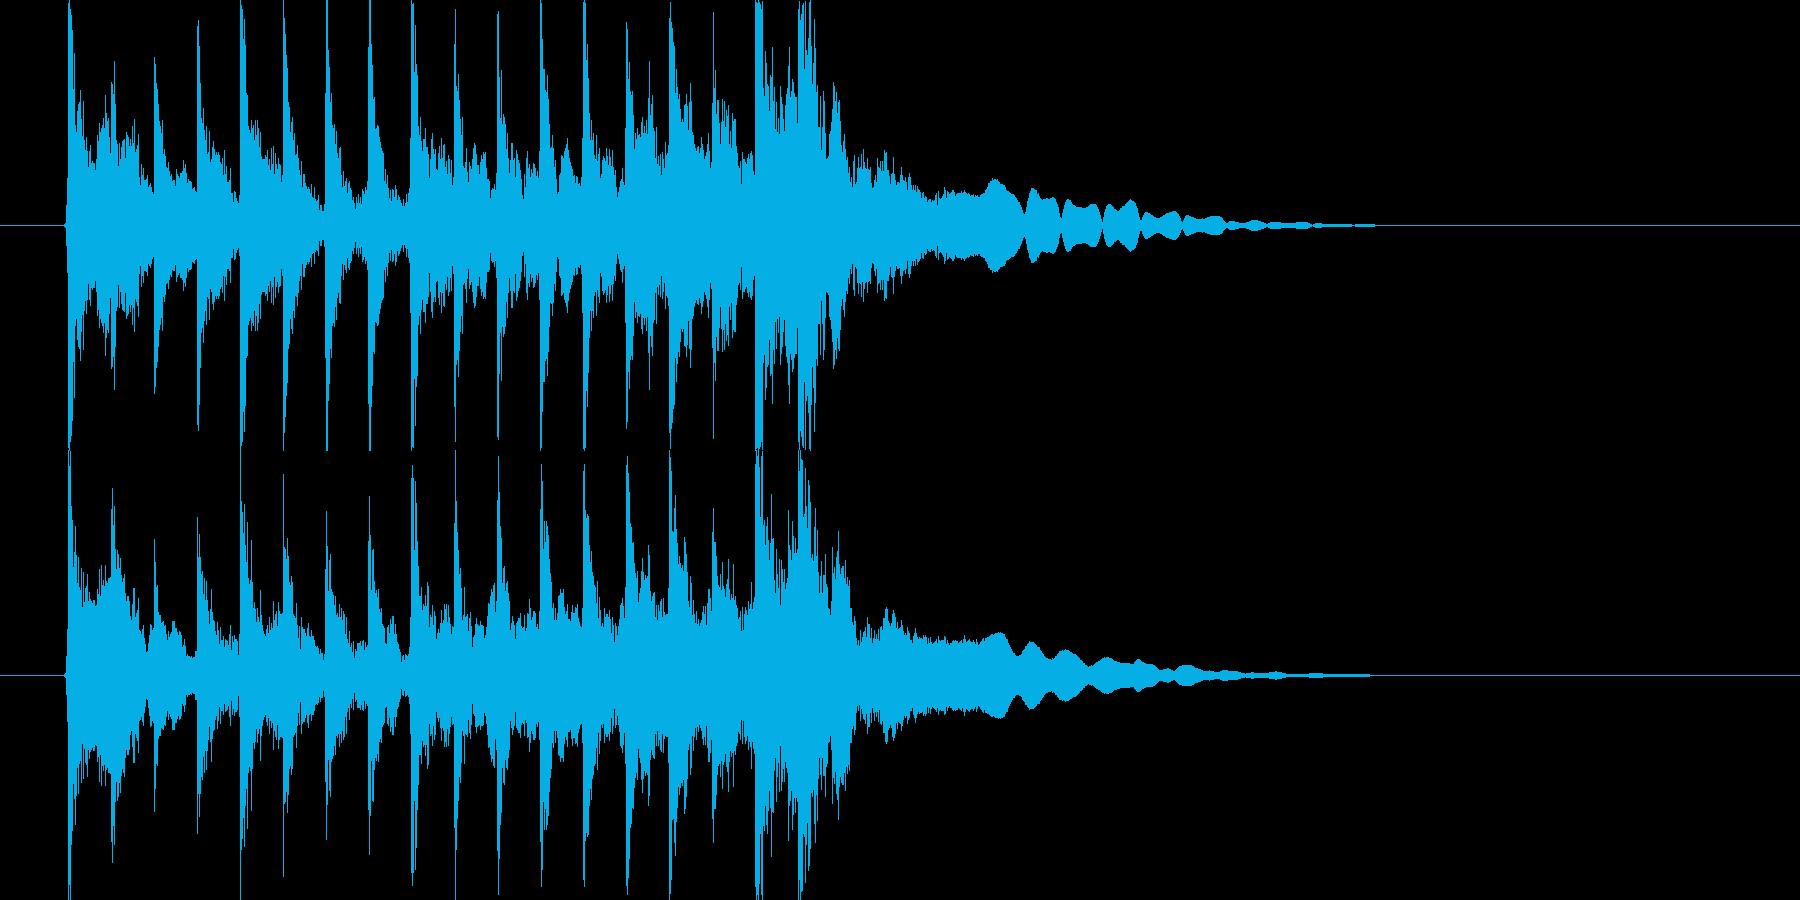 三味線主体の和風ジングル2 掛け声無の再生済みの波形